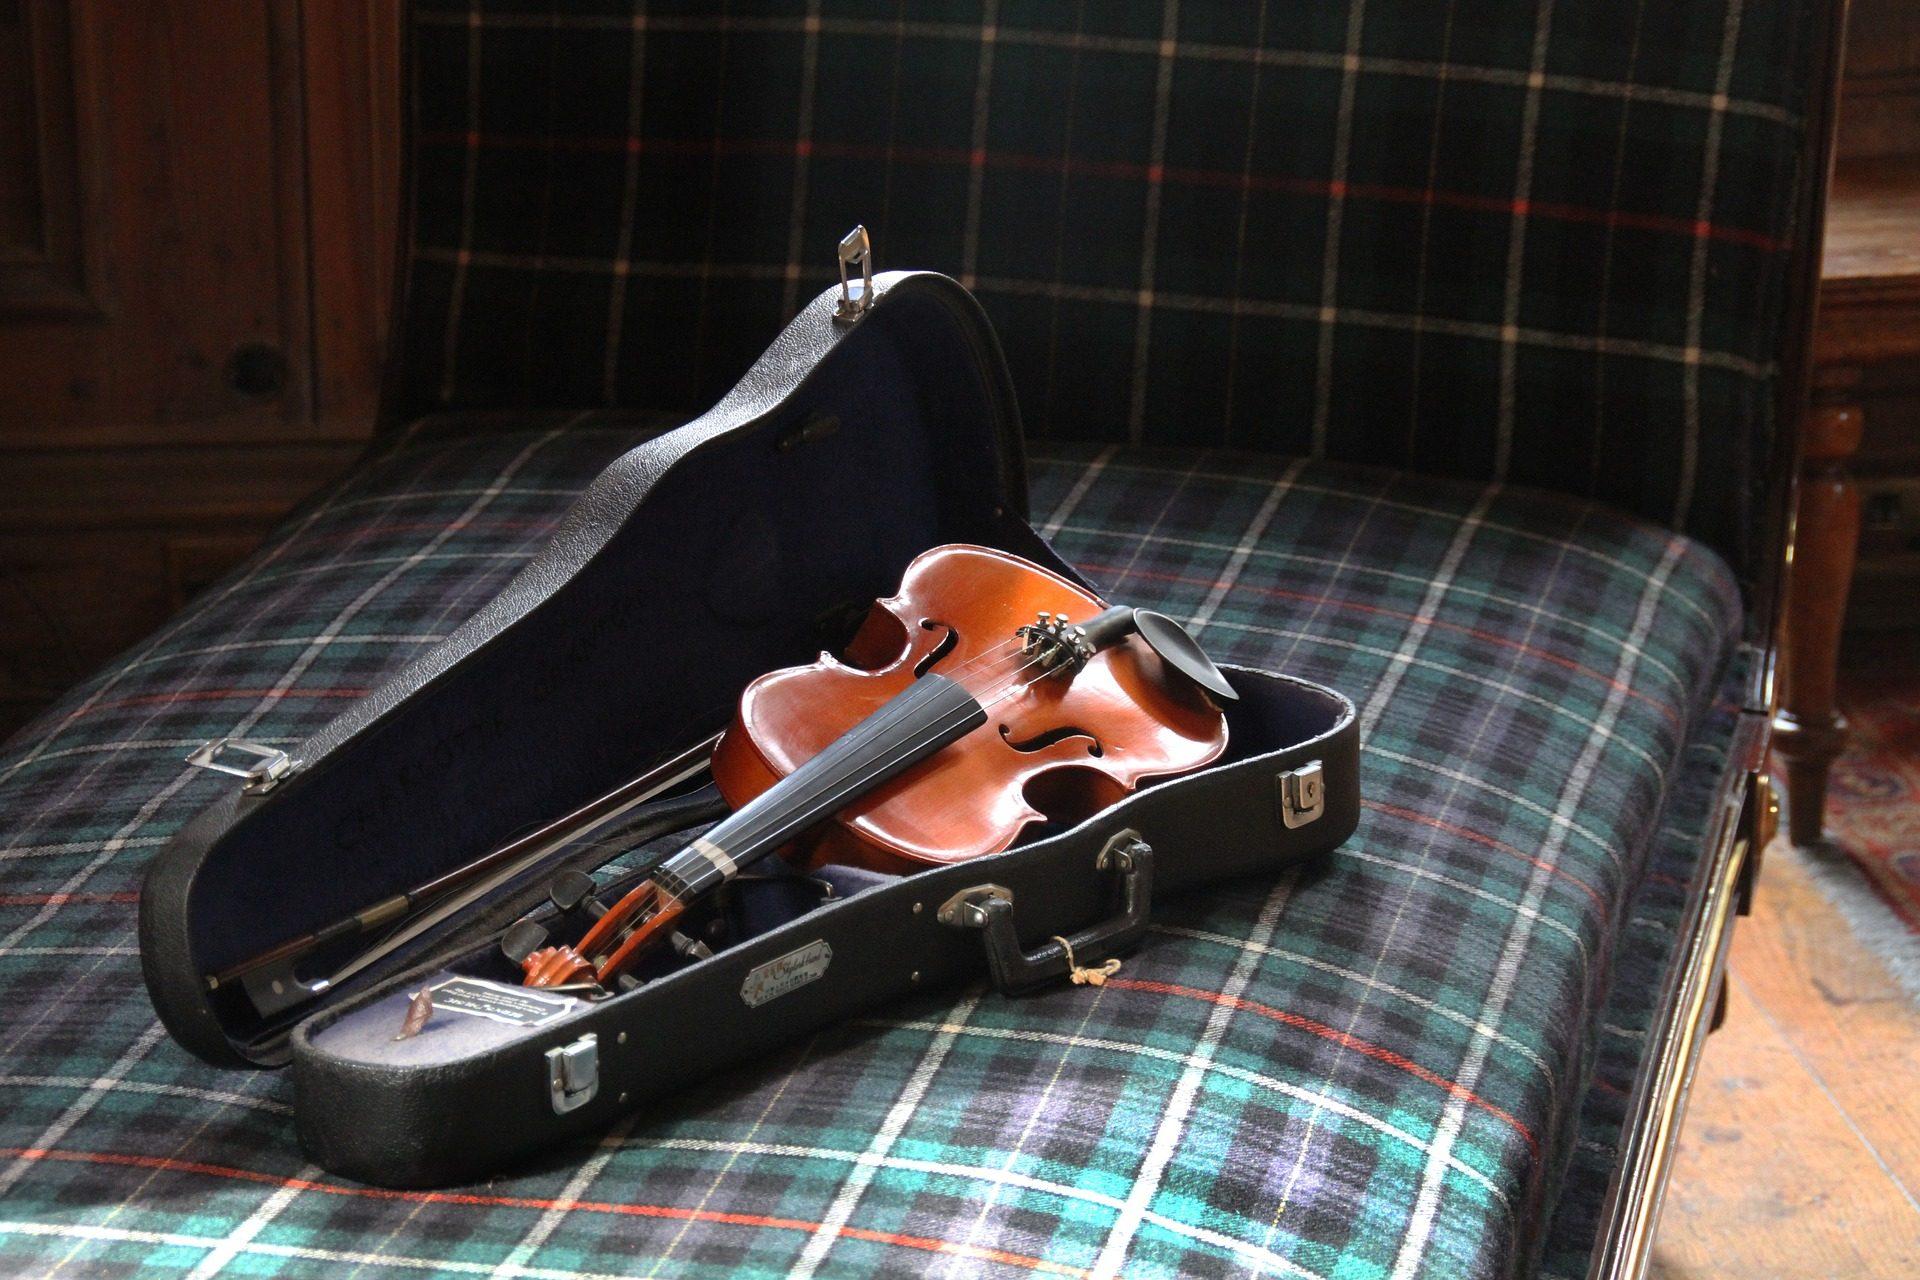 ヴァイオリン, 計測器, 文字列, ケース, カバー - HD の壁紙 - 教授-falken.com